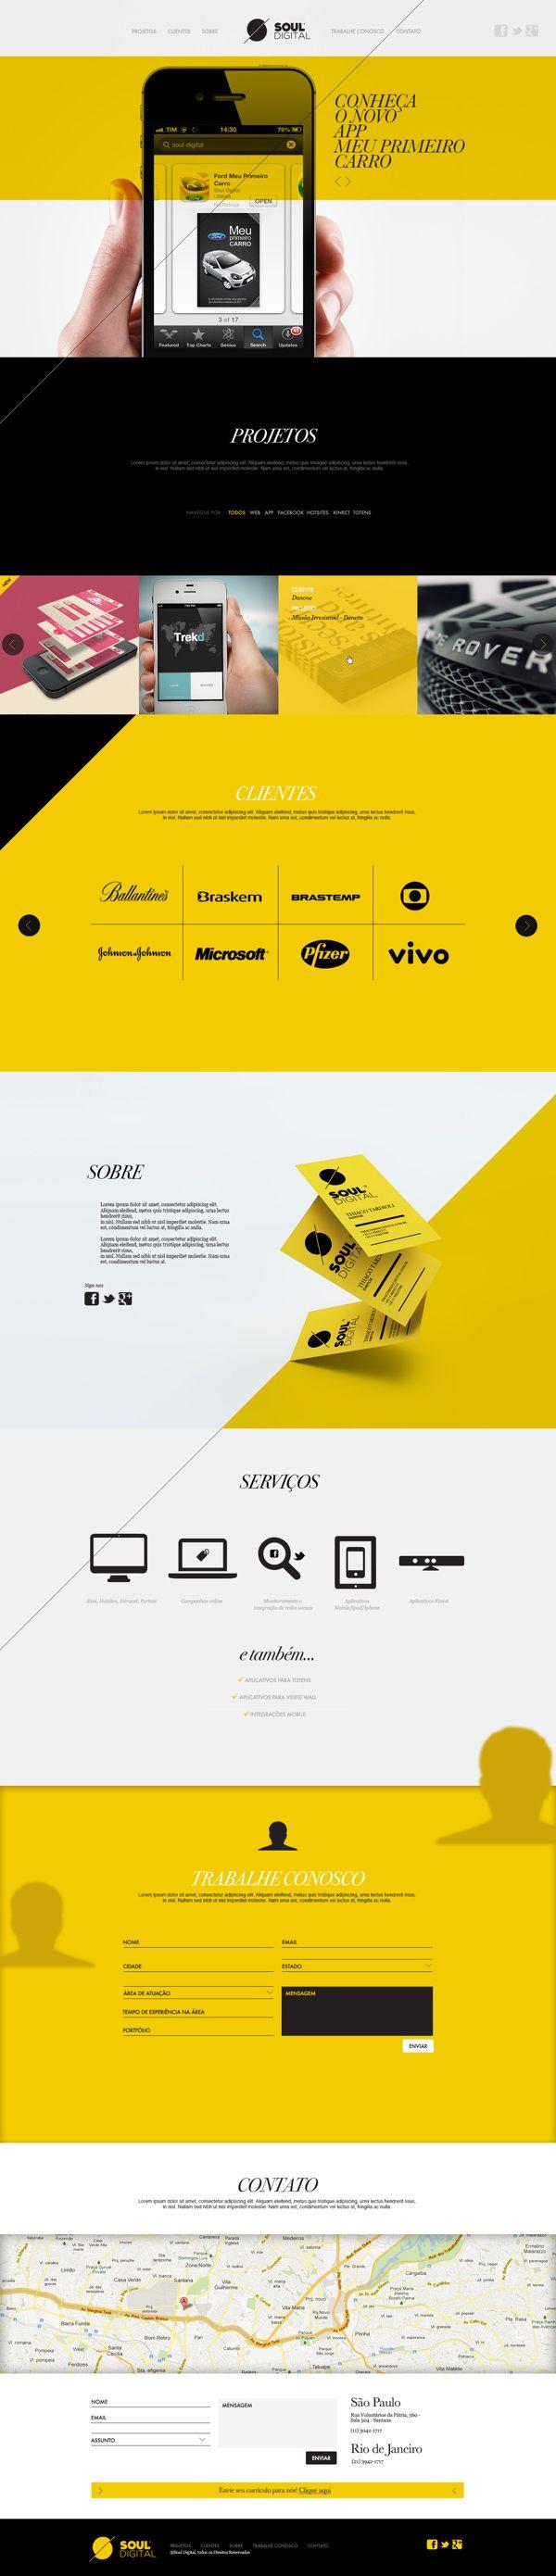 Soul Digital by Isabela Rodrigues, via Behance web design